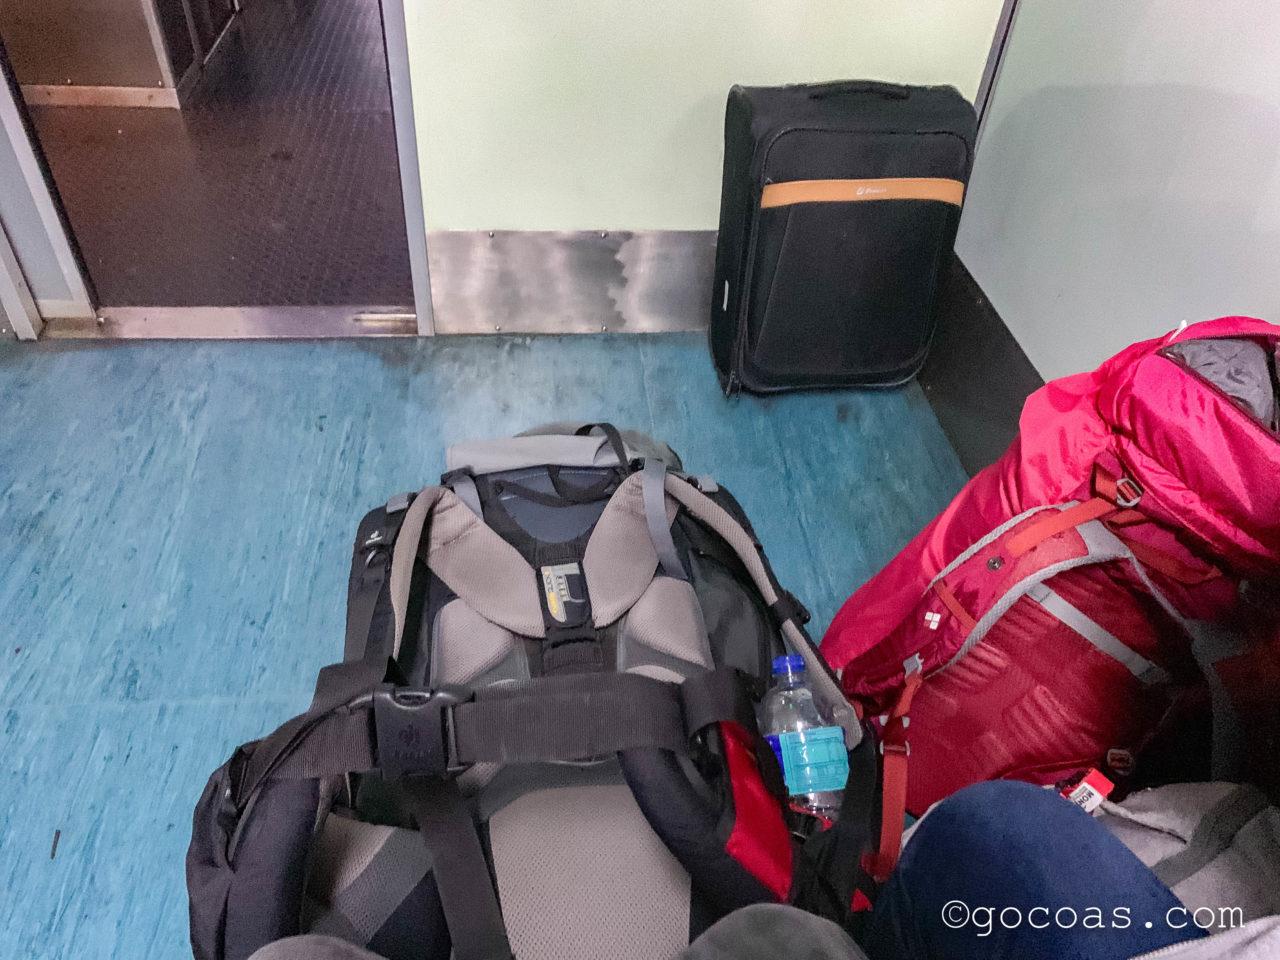 マレー鉄道のJBセントラル駅で乗った電車の車内と荷物